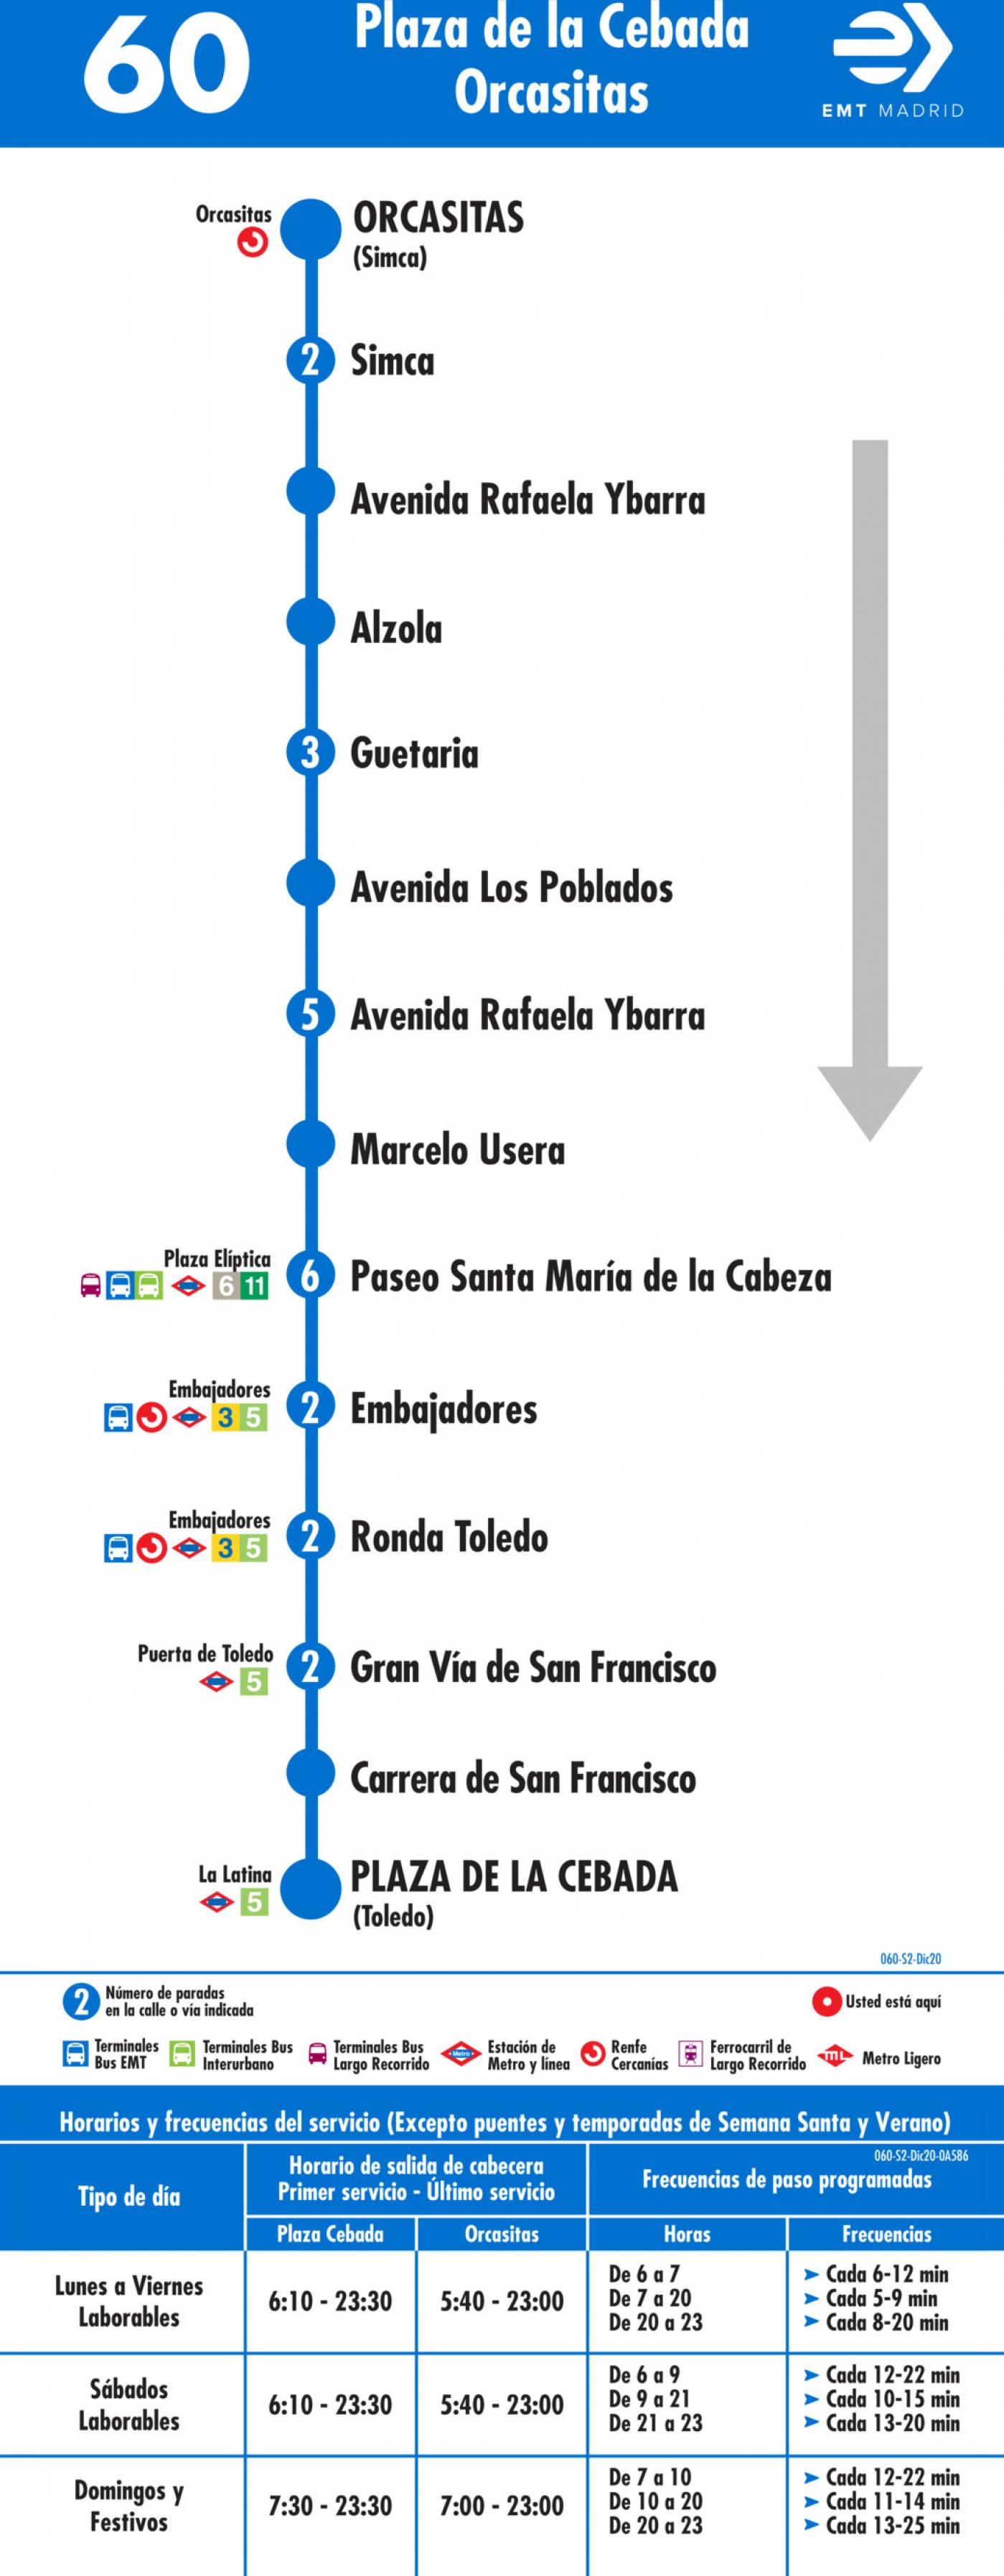 Tabla de horarios y frecuencias de paso en sentido vuelta Línea 60: Plaza de la Cebada - Orcasitas